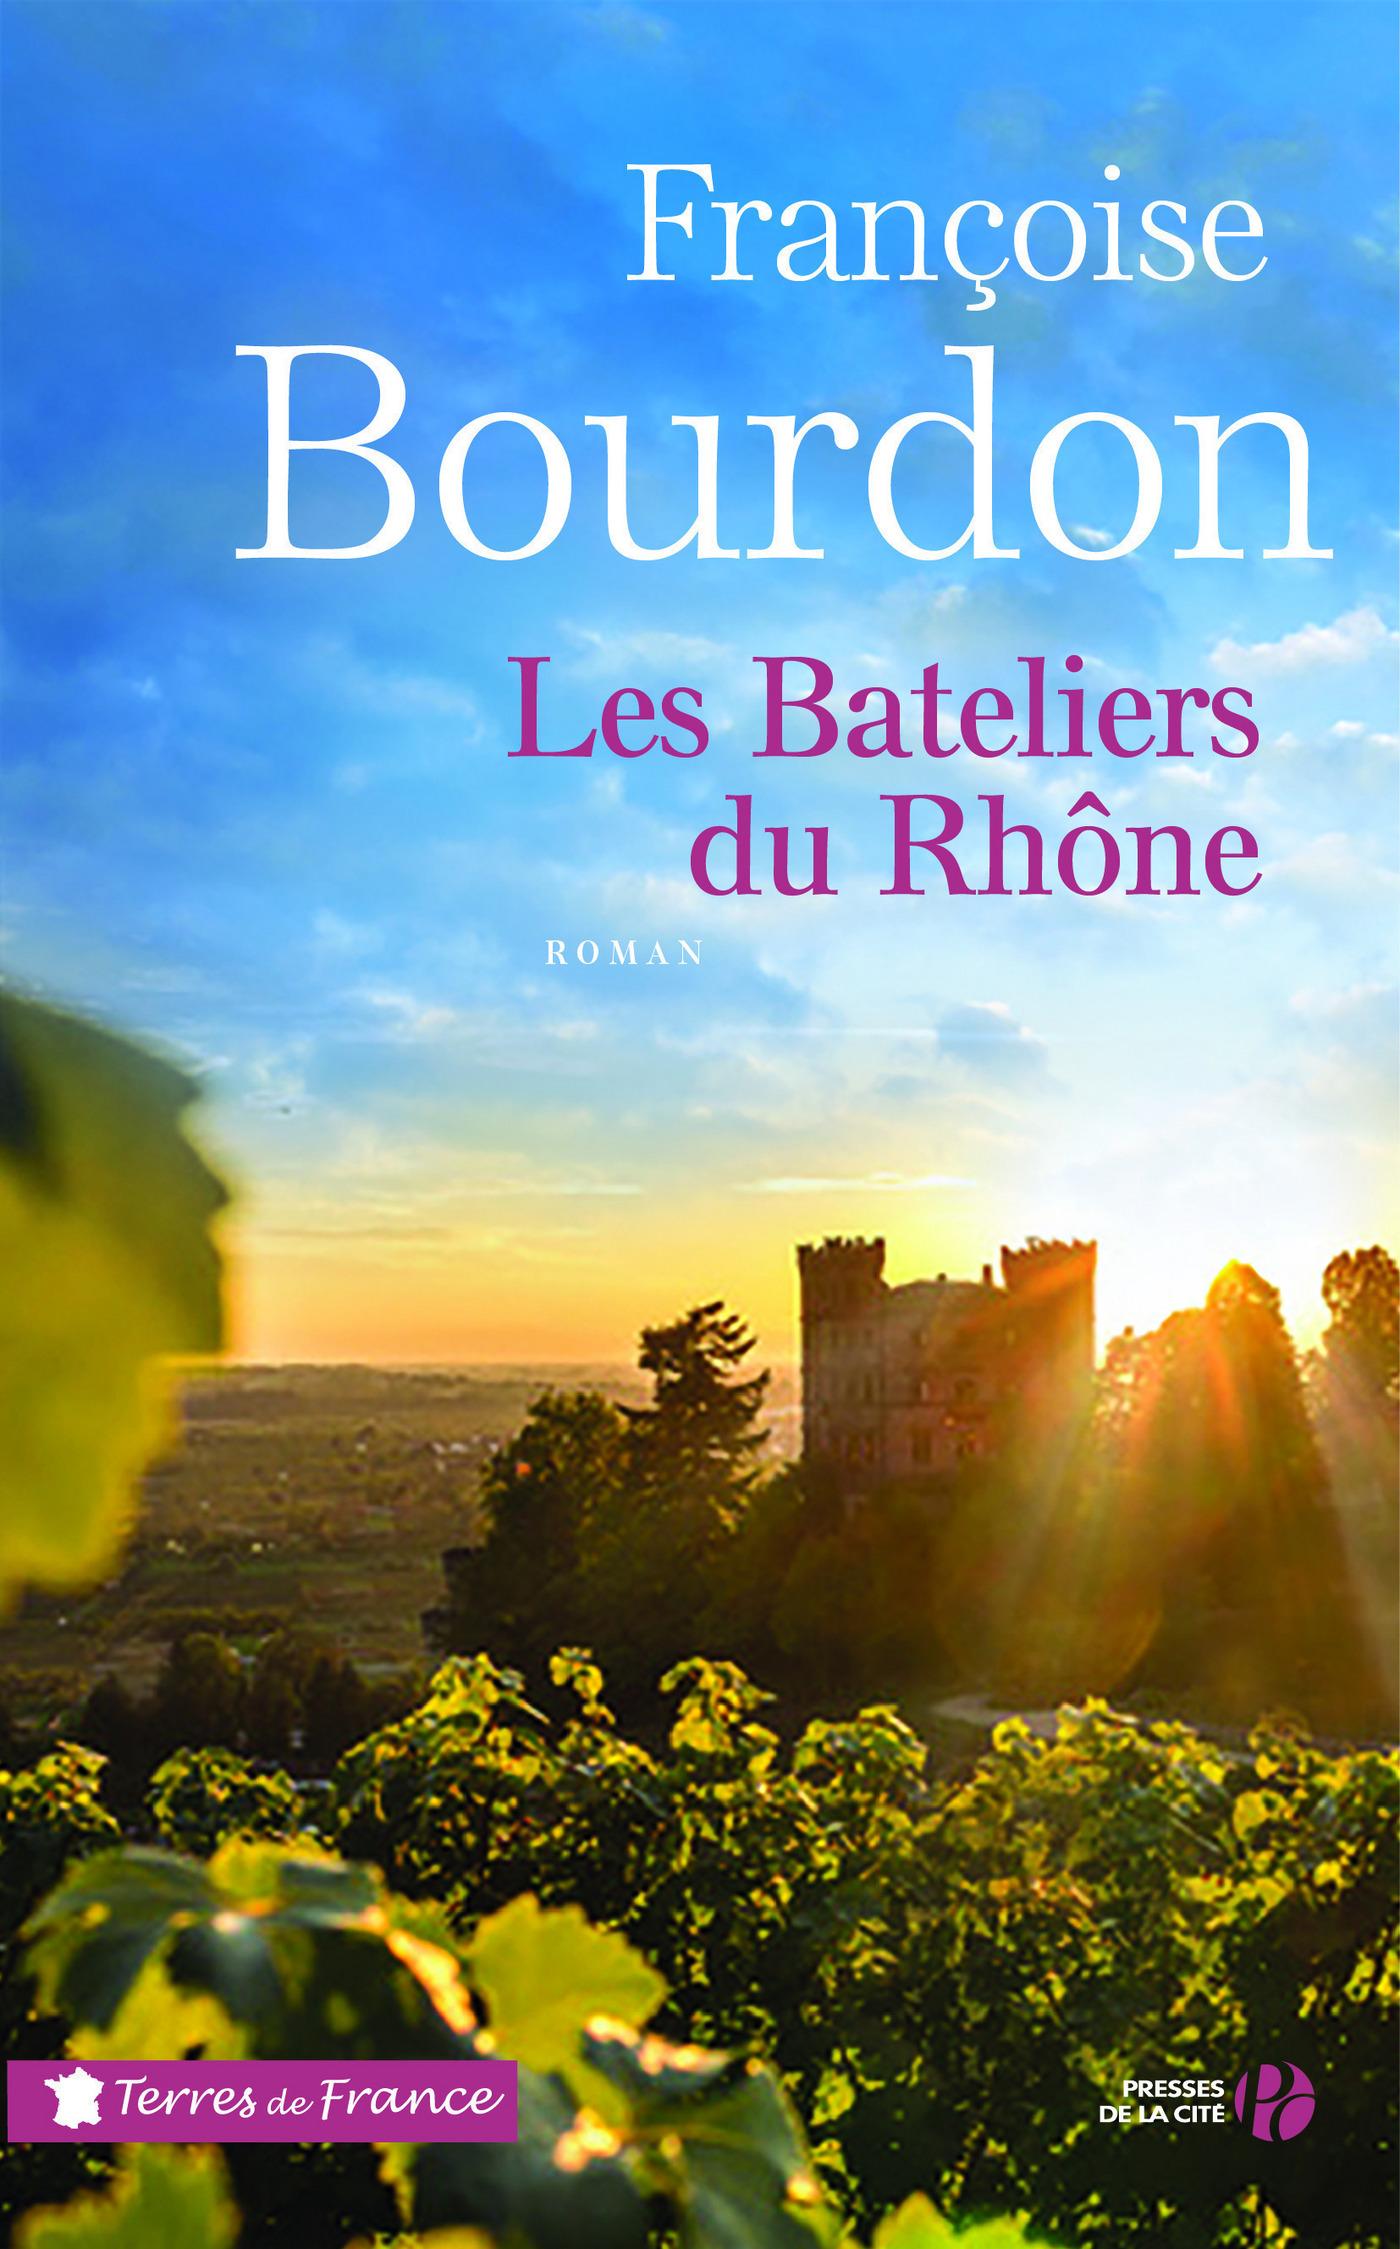 Les bateliers du Rhône | BOURDON, Françoise